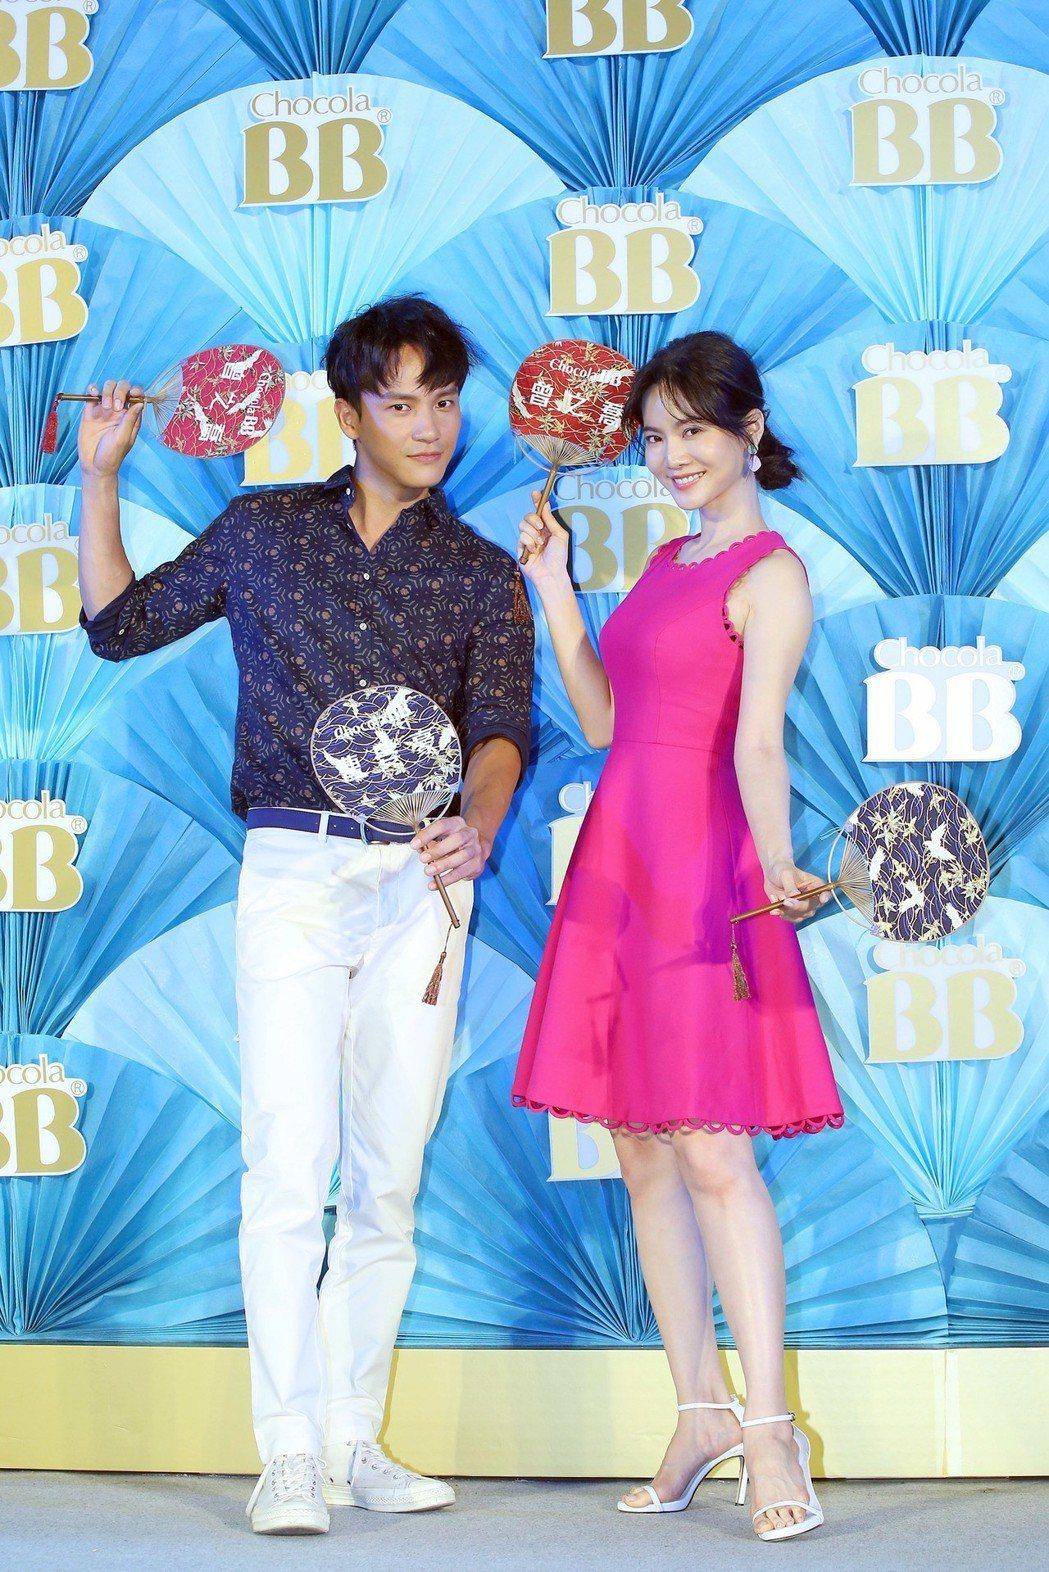 曾之喬(右)、曹晏豪出席活動。圖/Chocola BB提供